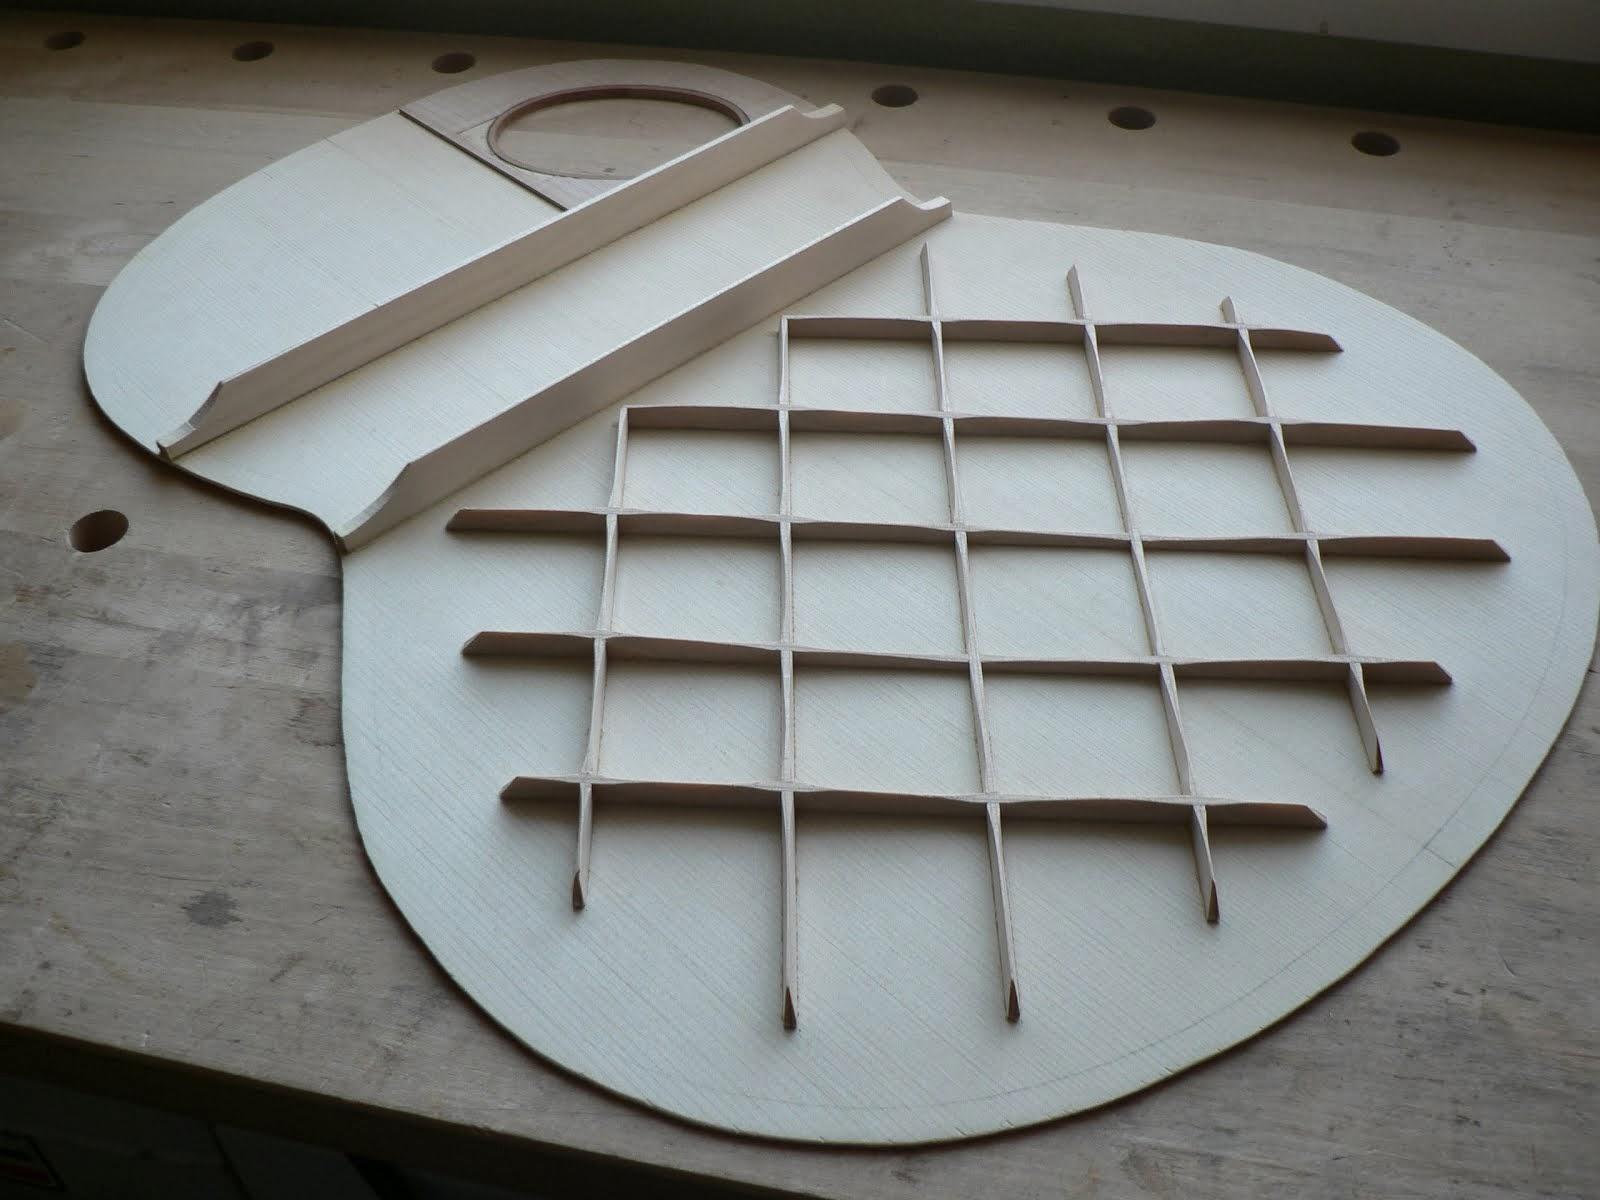 Kohei Fujii Guitars